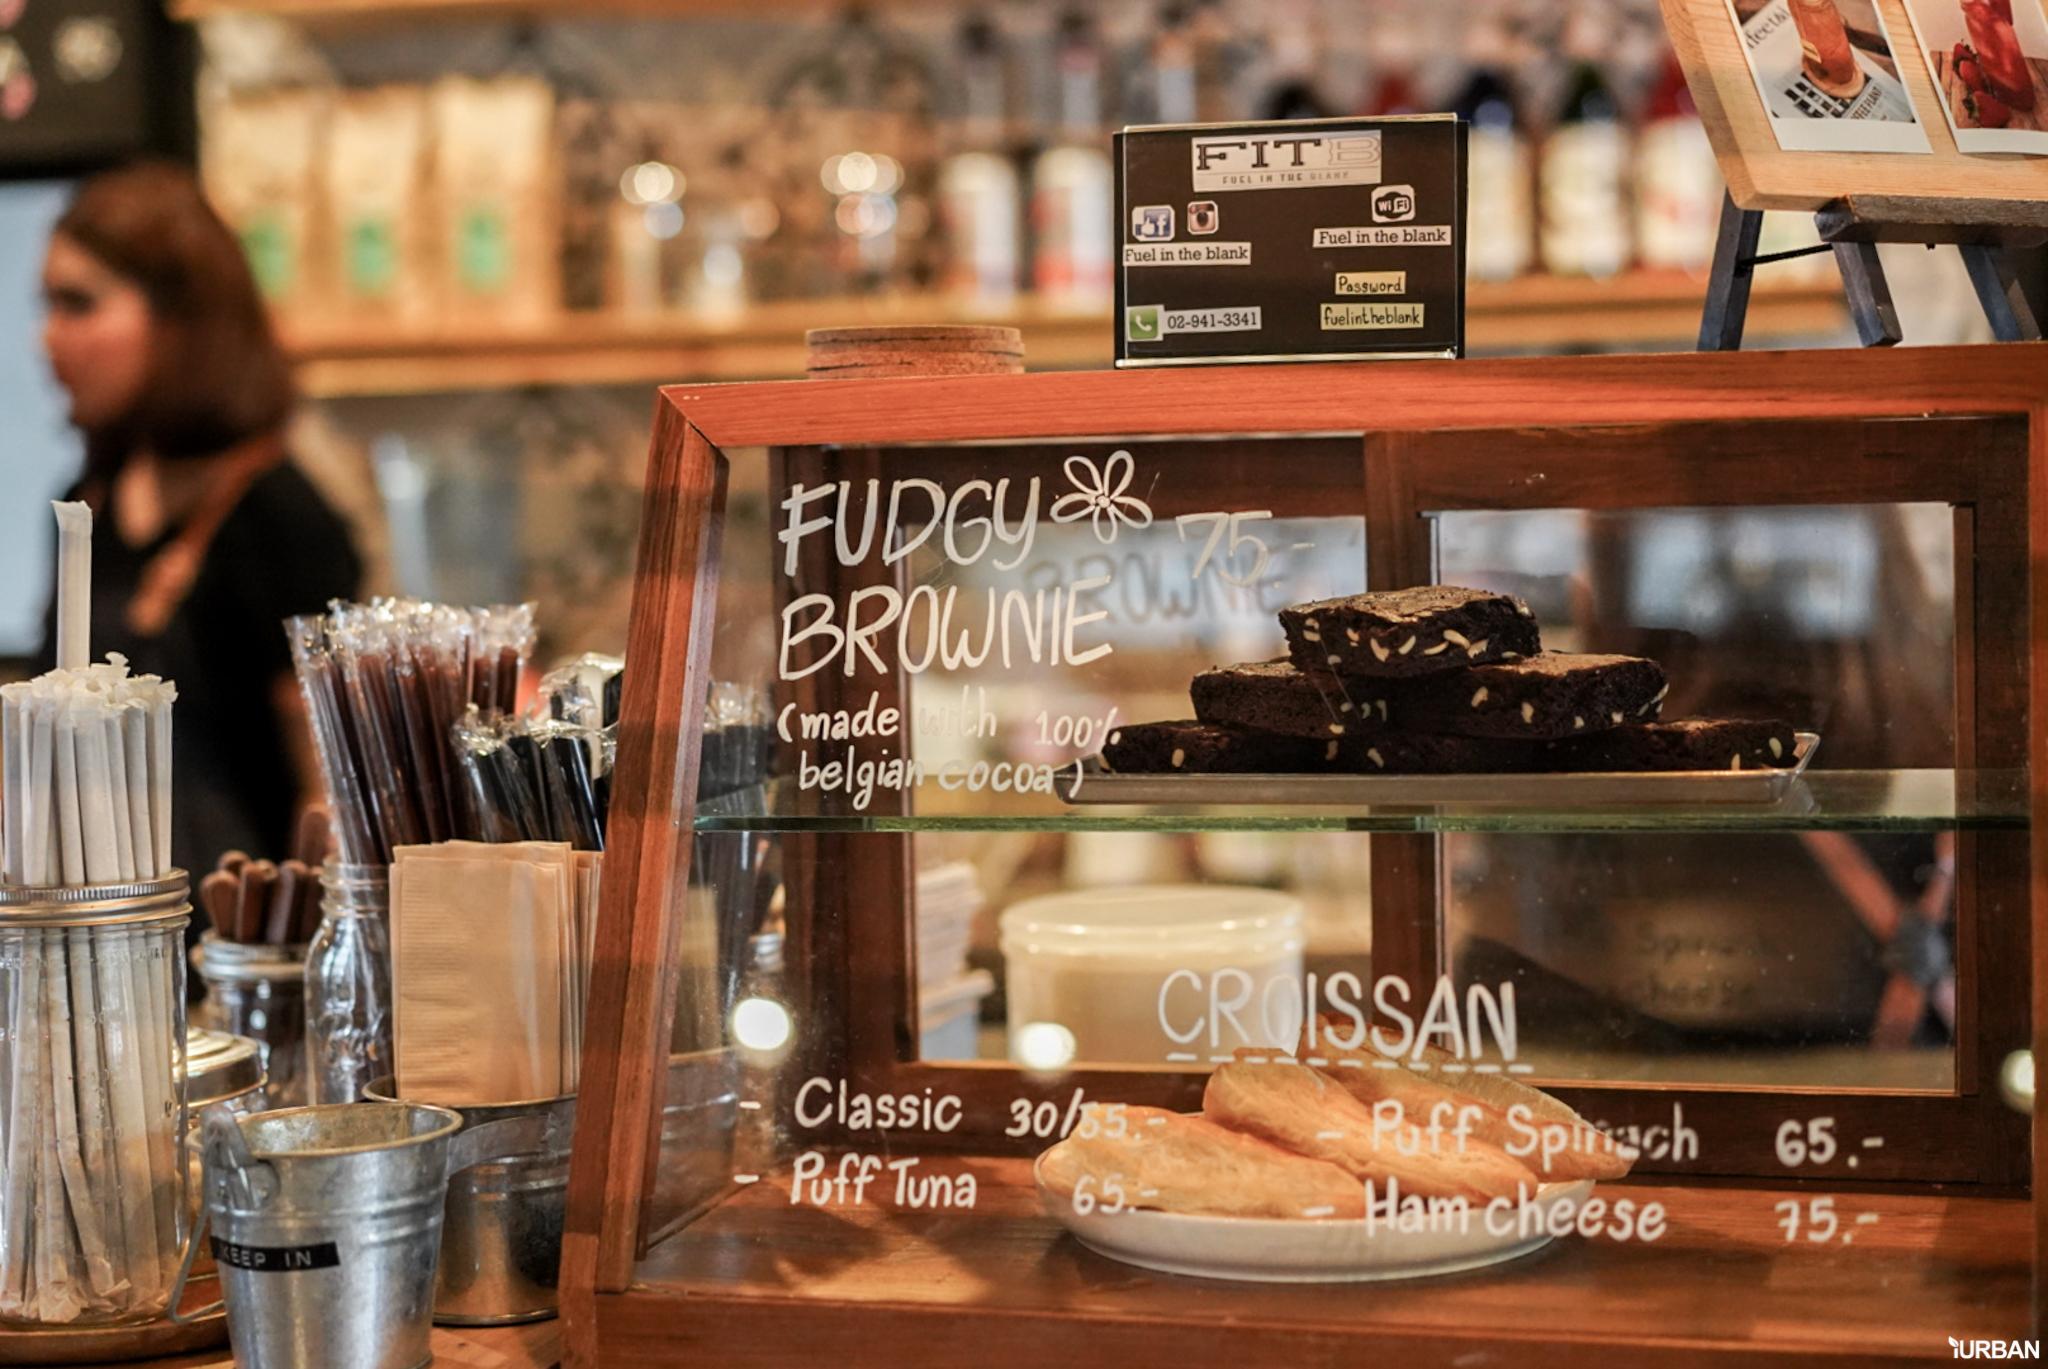 14 ร้านกาแฟ ม.เกษตร คาเฟ่สไตล์นักศึกษาและคนทำงาน + สำรวจ Co-Working Space ที่ KENSINGTON KASET CAMPUS (เคนซิงตัน เกษตร แคมปัส) 37 - cafe